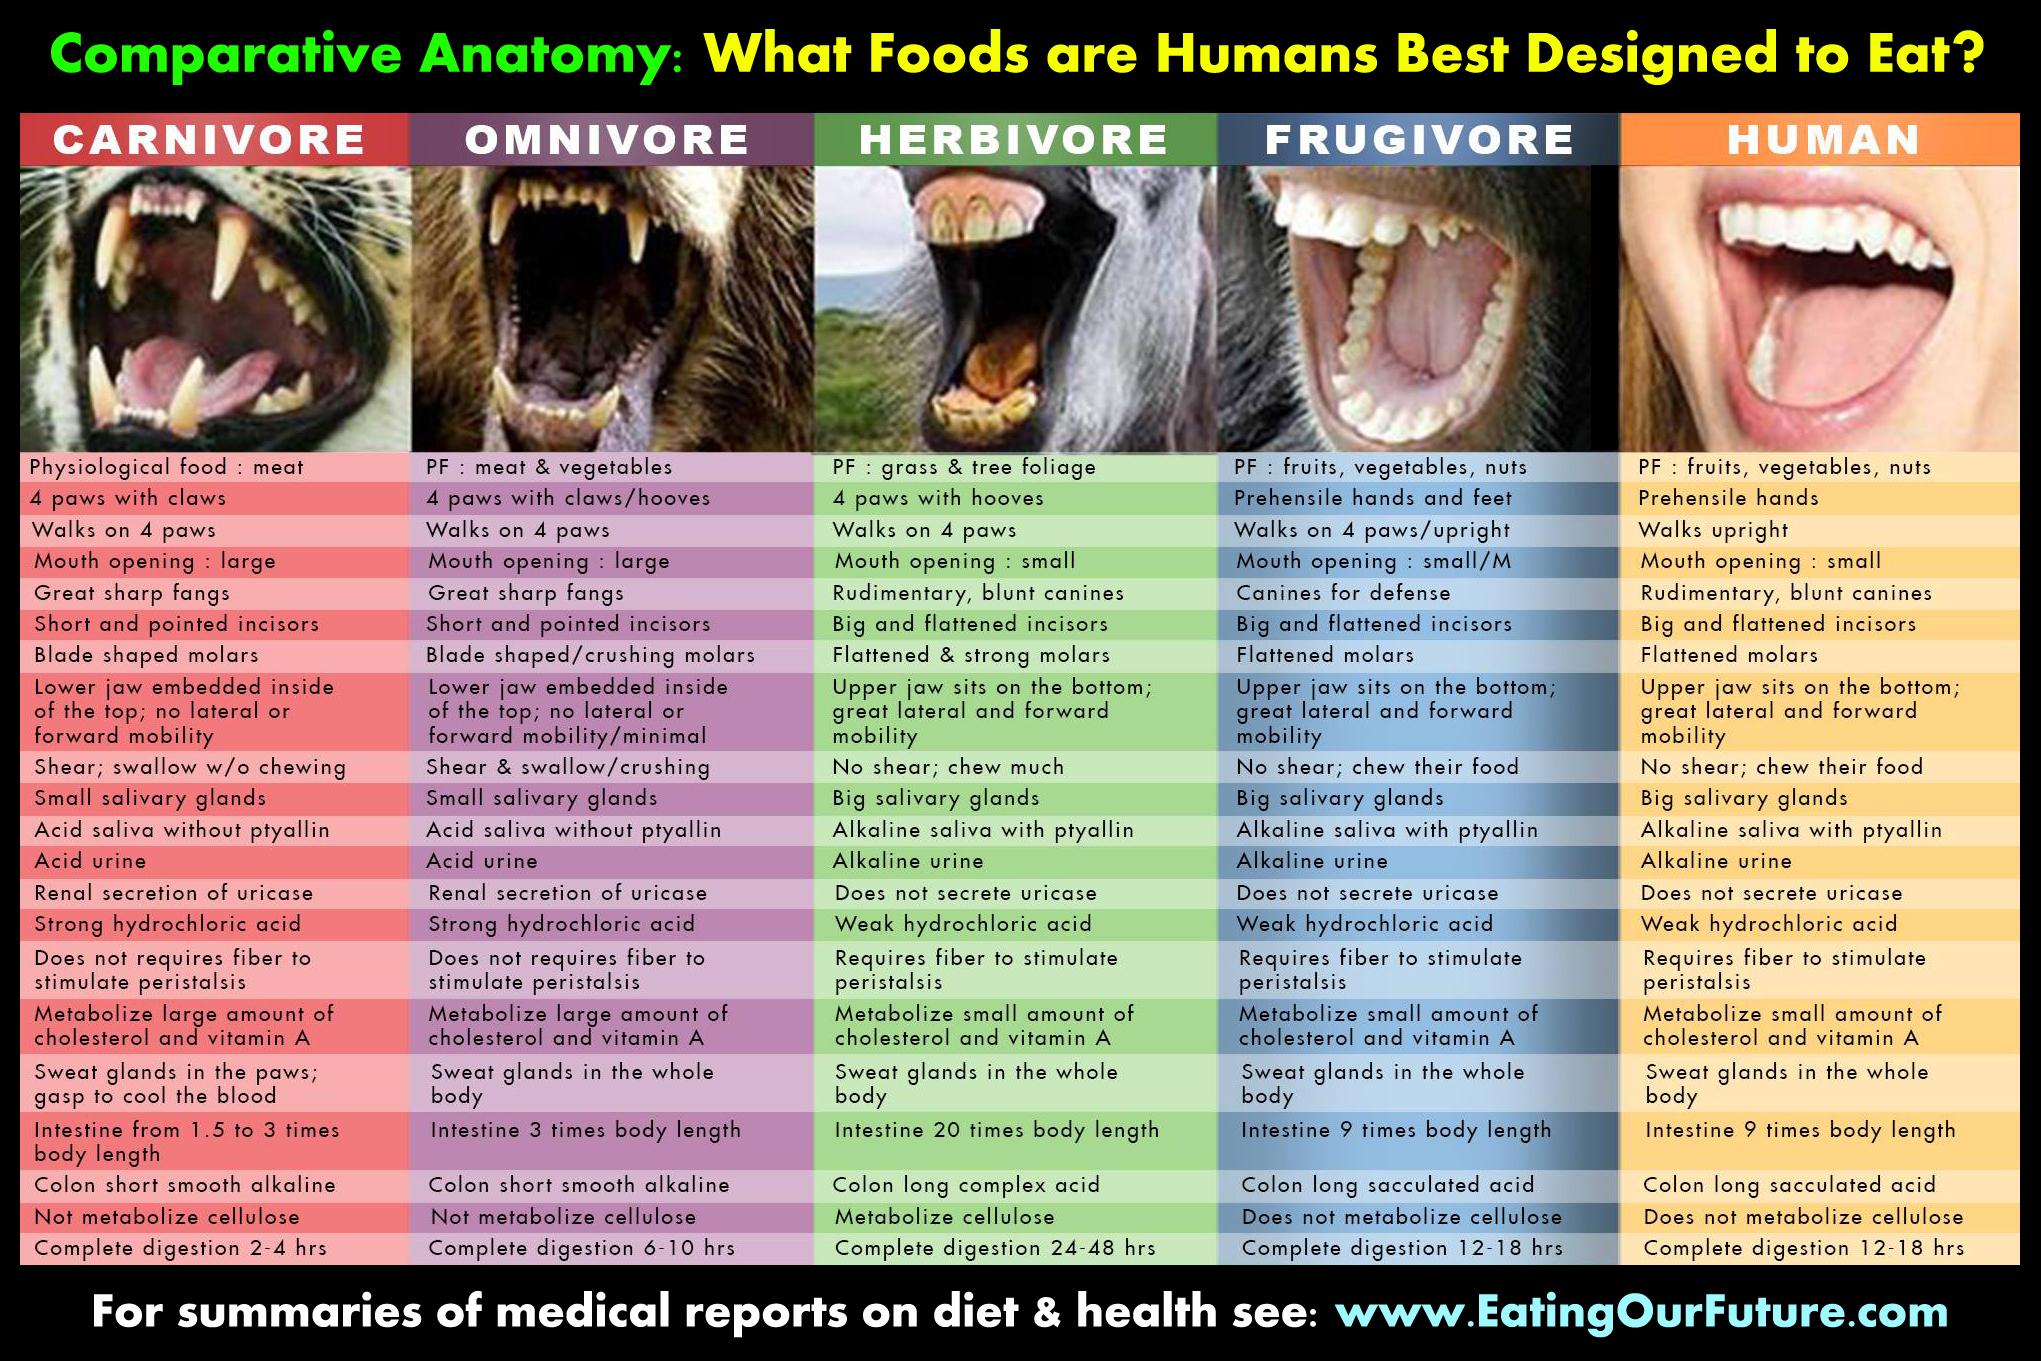 Diet of primates versus humans